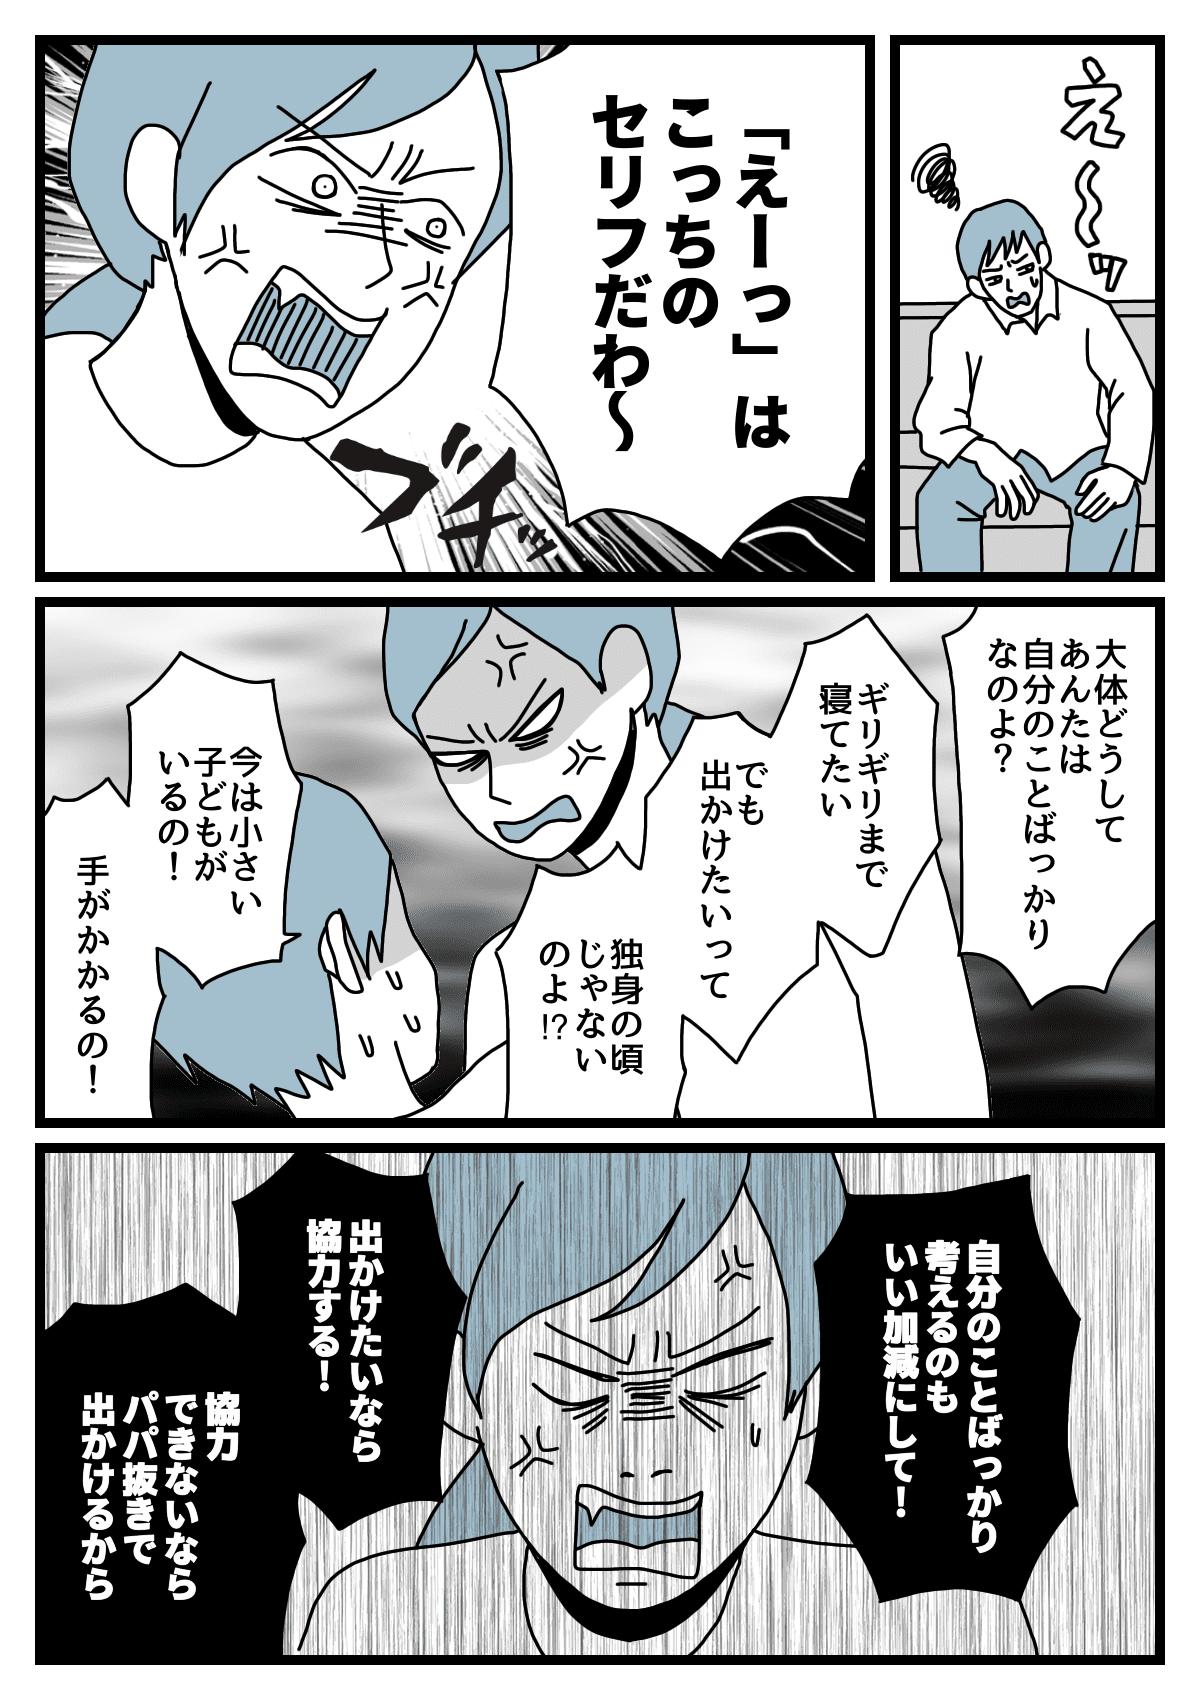 【中編】お出かけ3